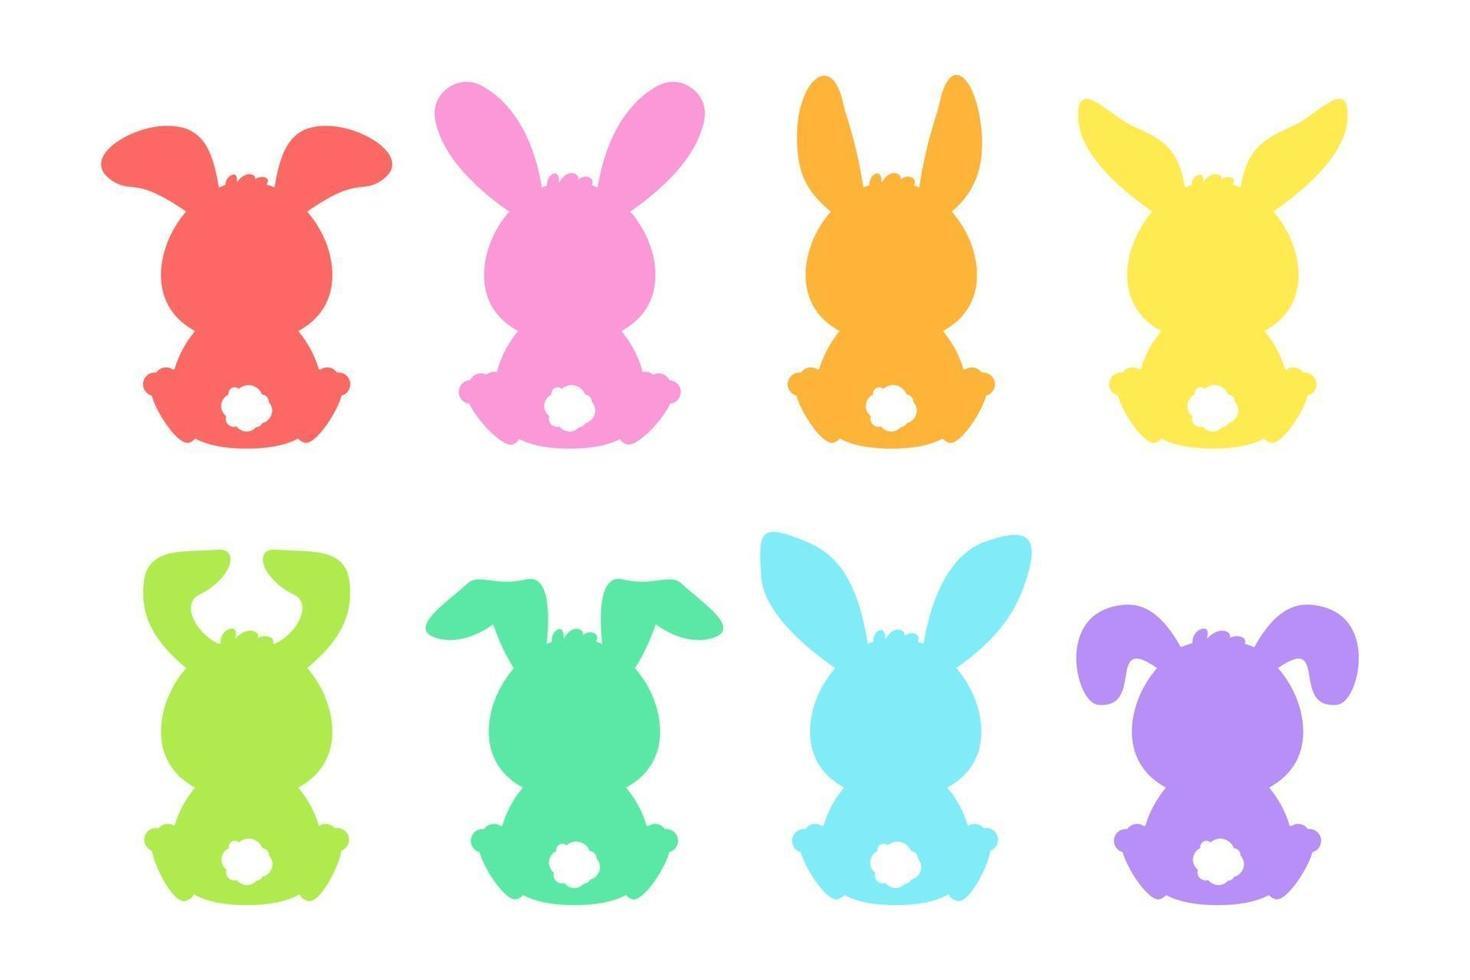 Tom tecknad färgglada kanin siluett formuppsättning vektor